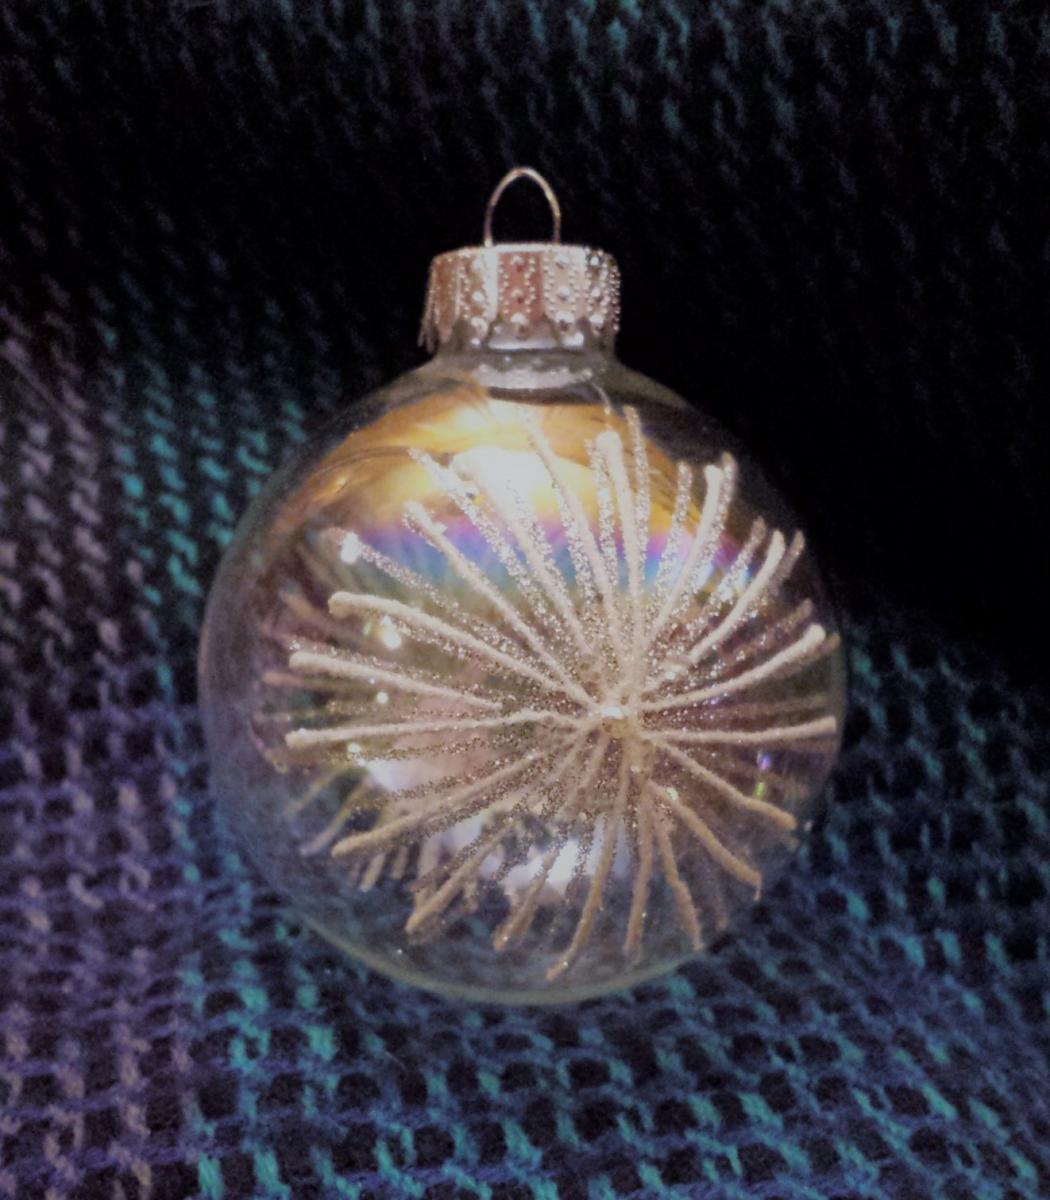 Ornament from Santa Paul-2018